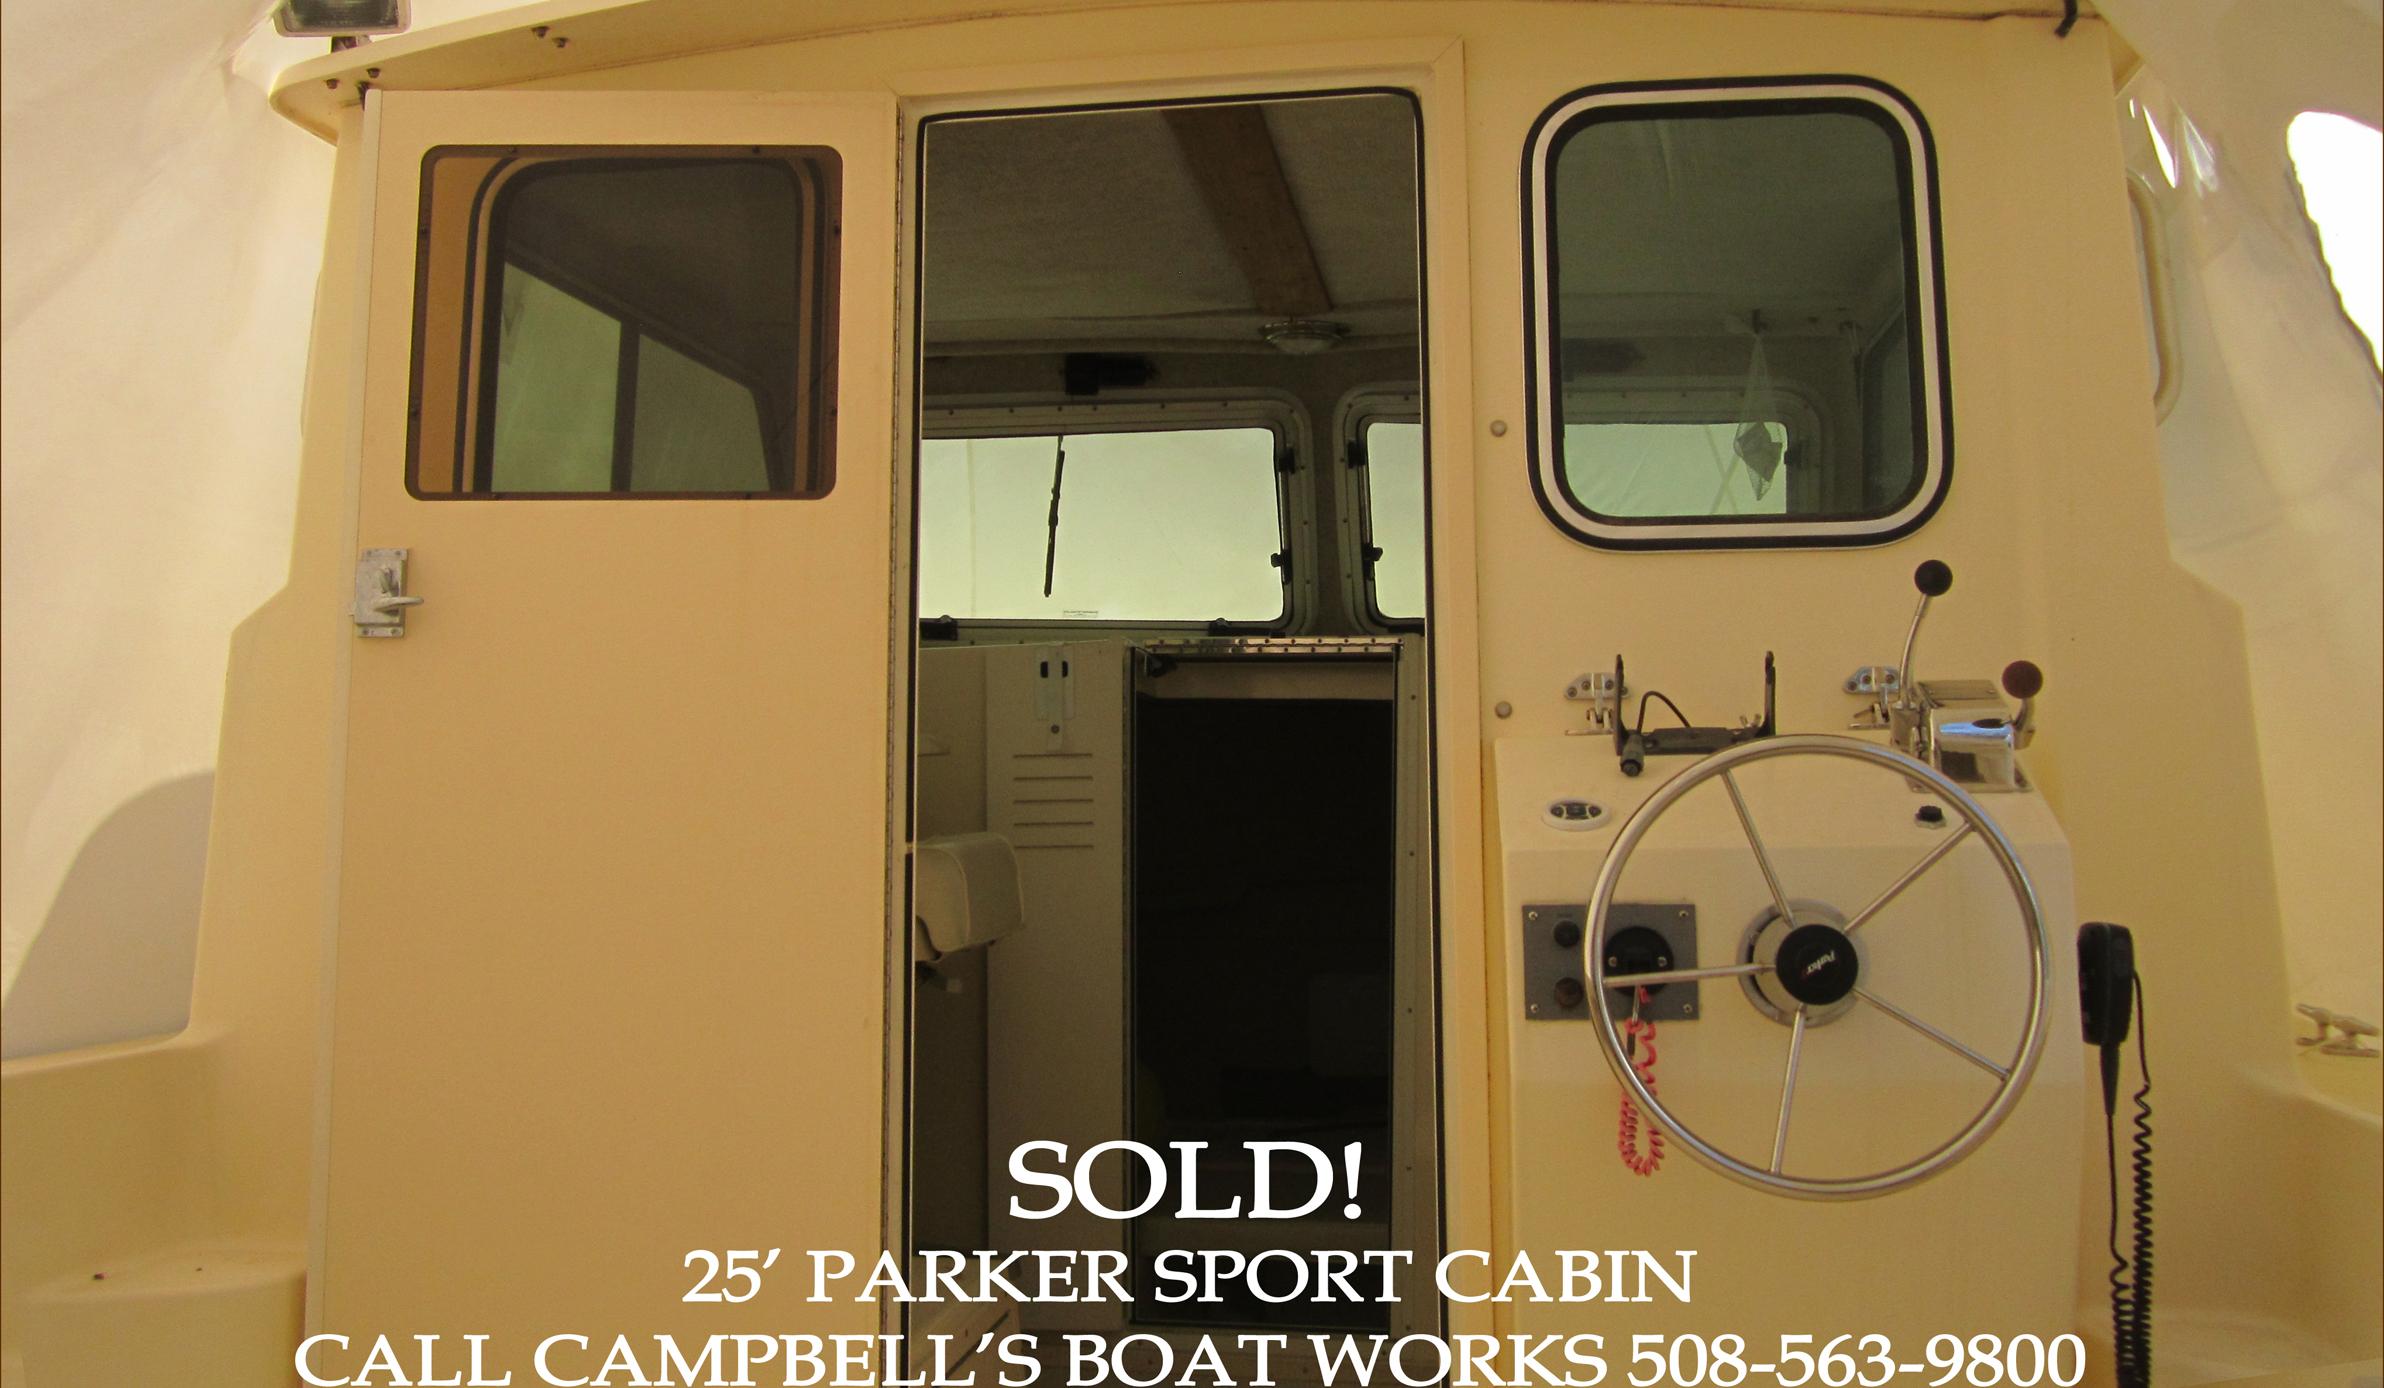 25' Parker Boat For Sale